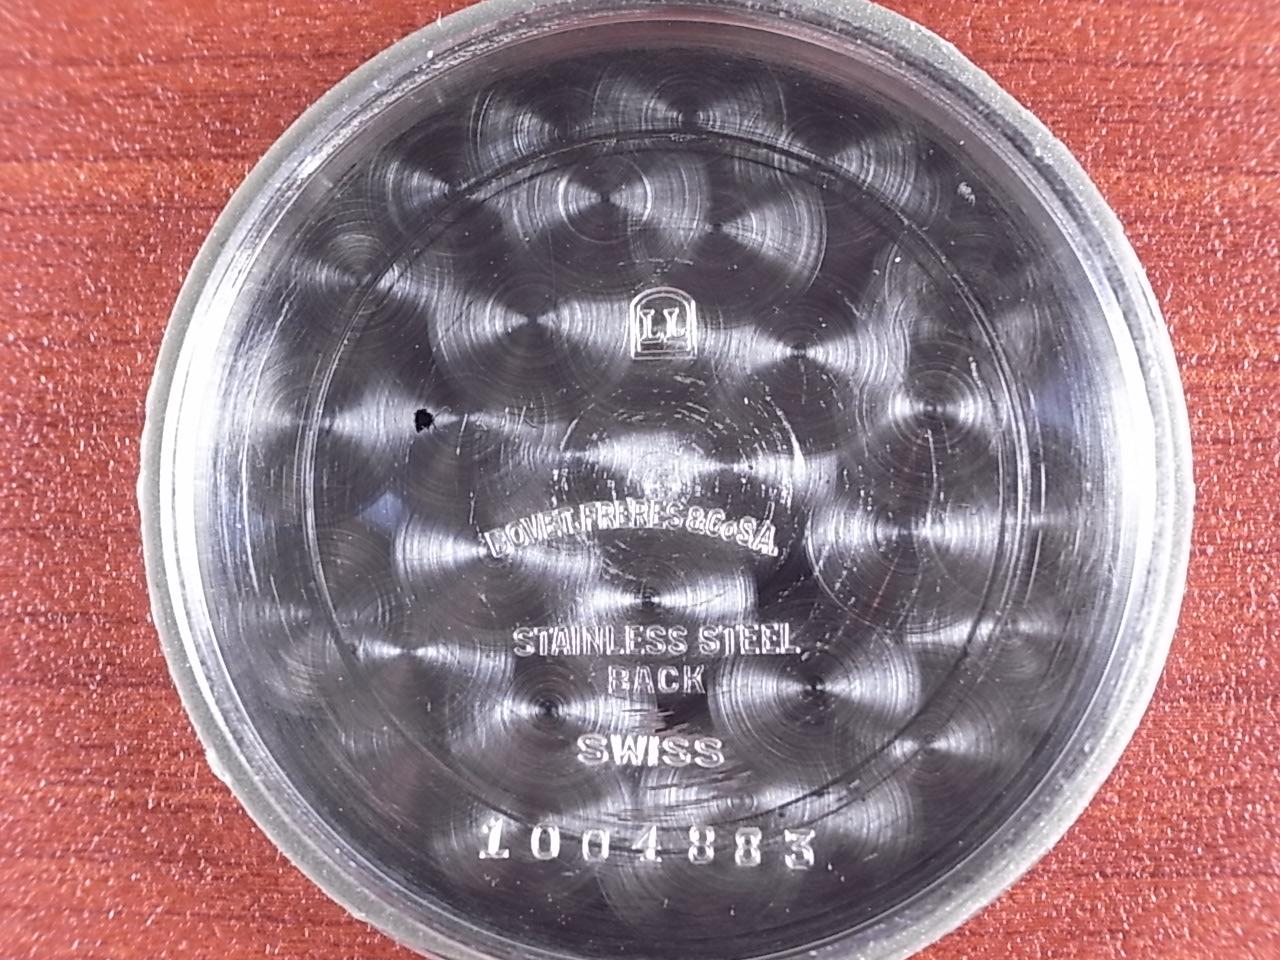 ボヴェ 縦目クロノグラフ ヴィーナス170 渦巻タキメーター 1940年代の写真6枚目